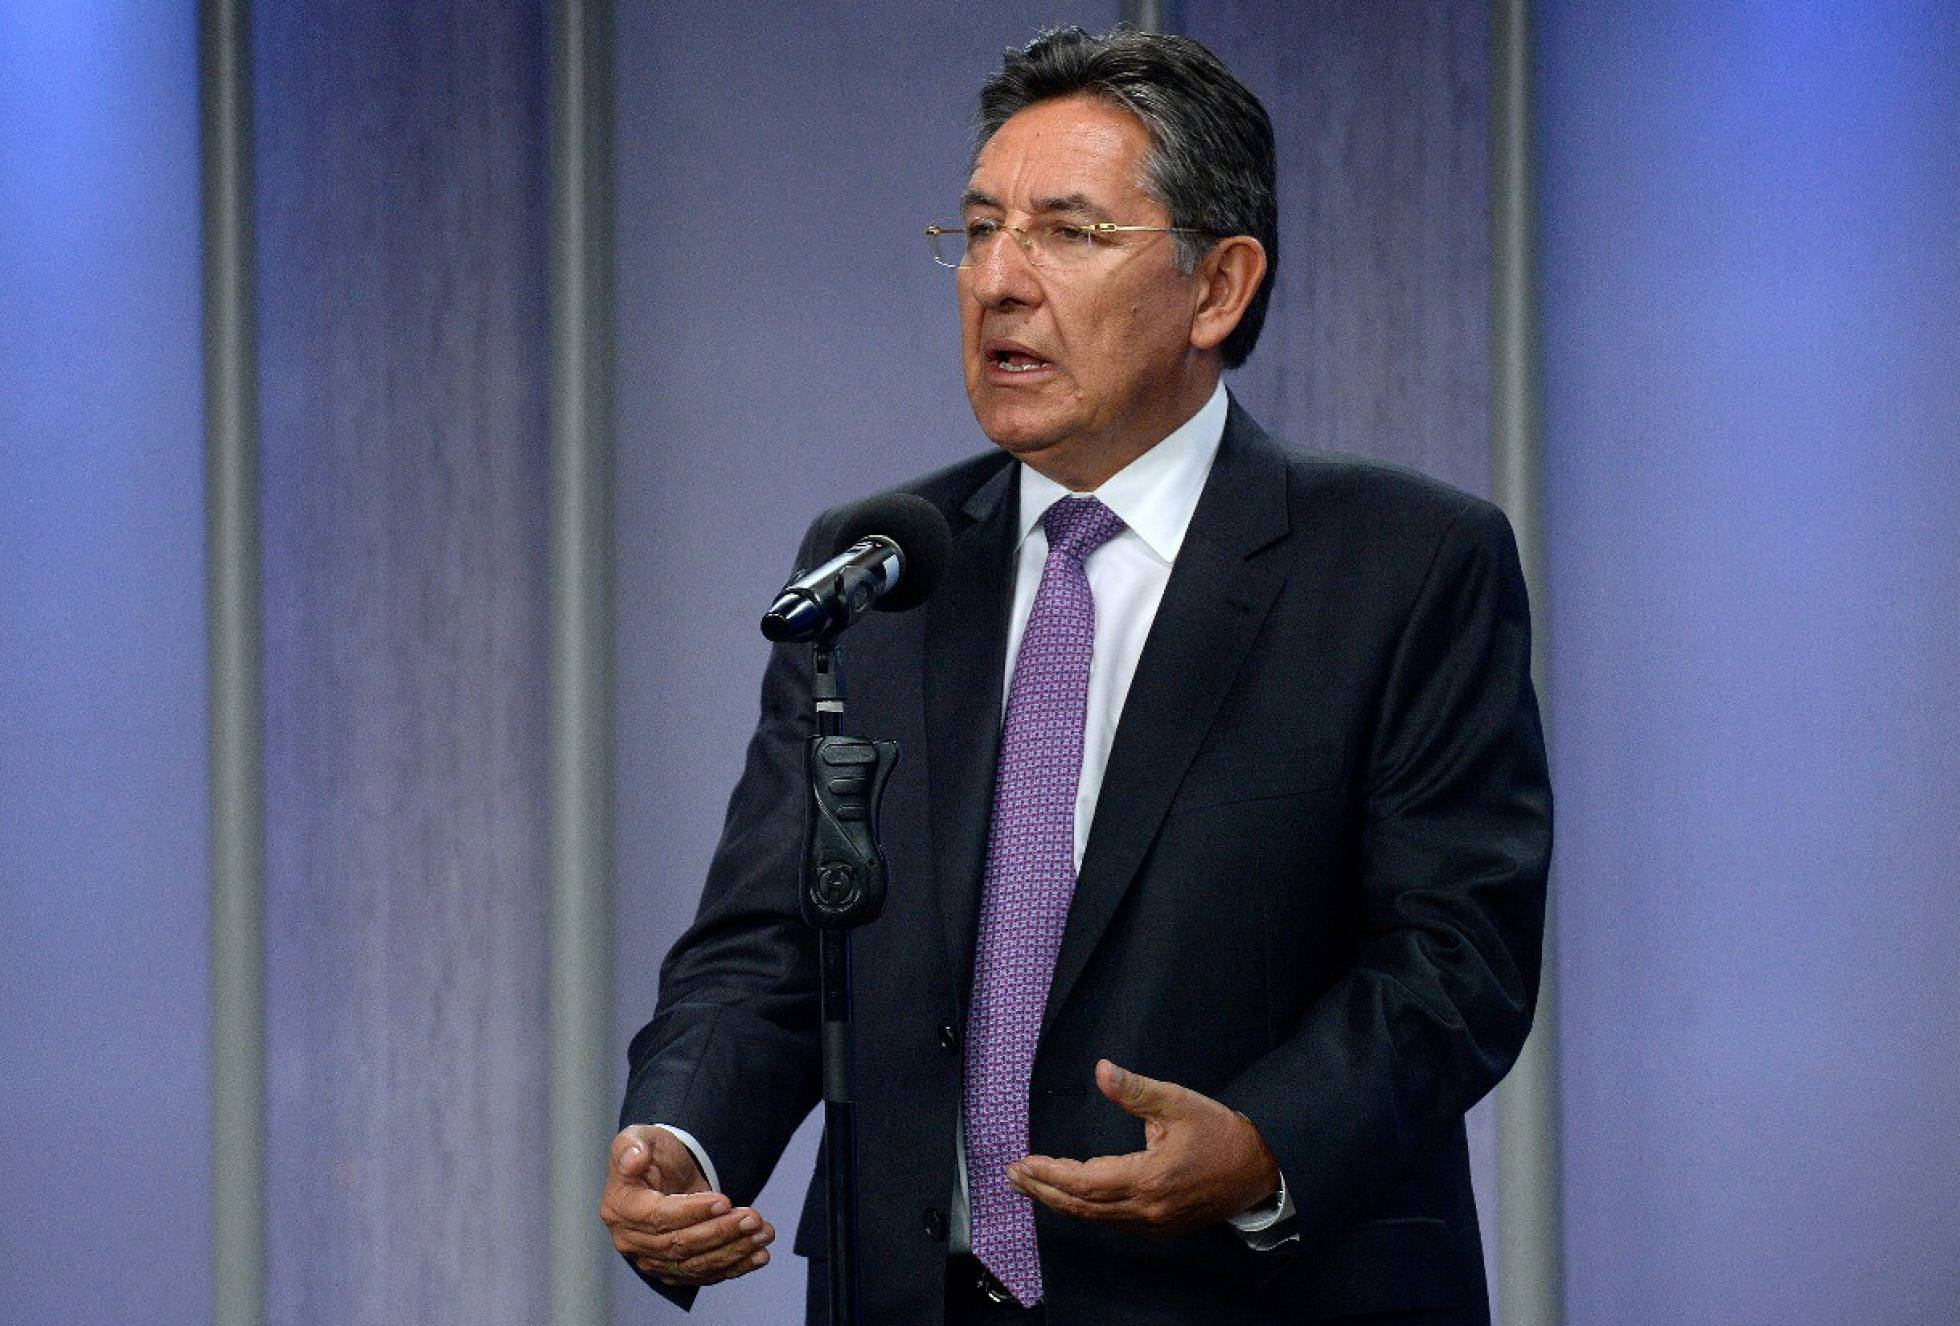 El fiscal de Colombia dimite tras la orden de liberación de un exlíder de las FARC